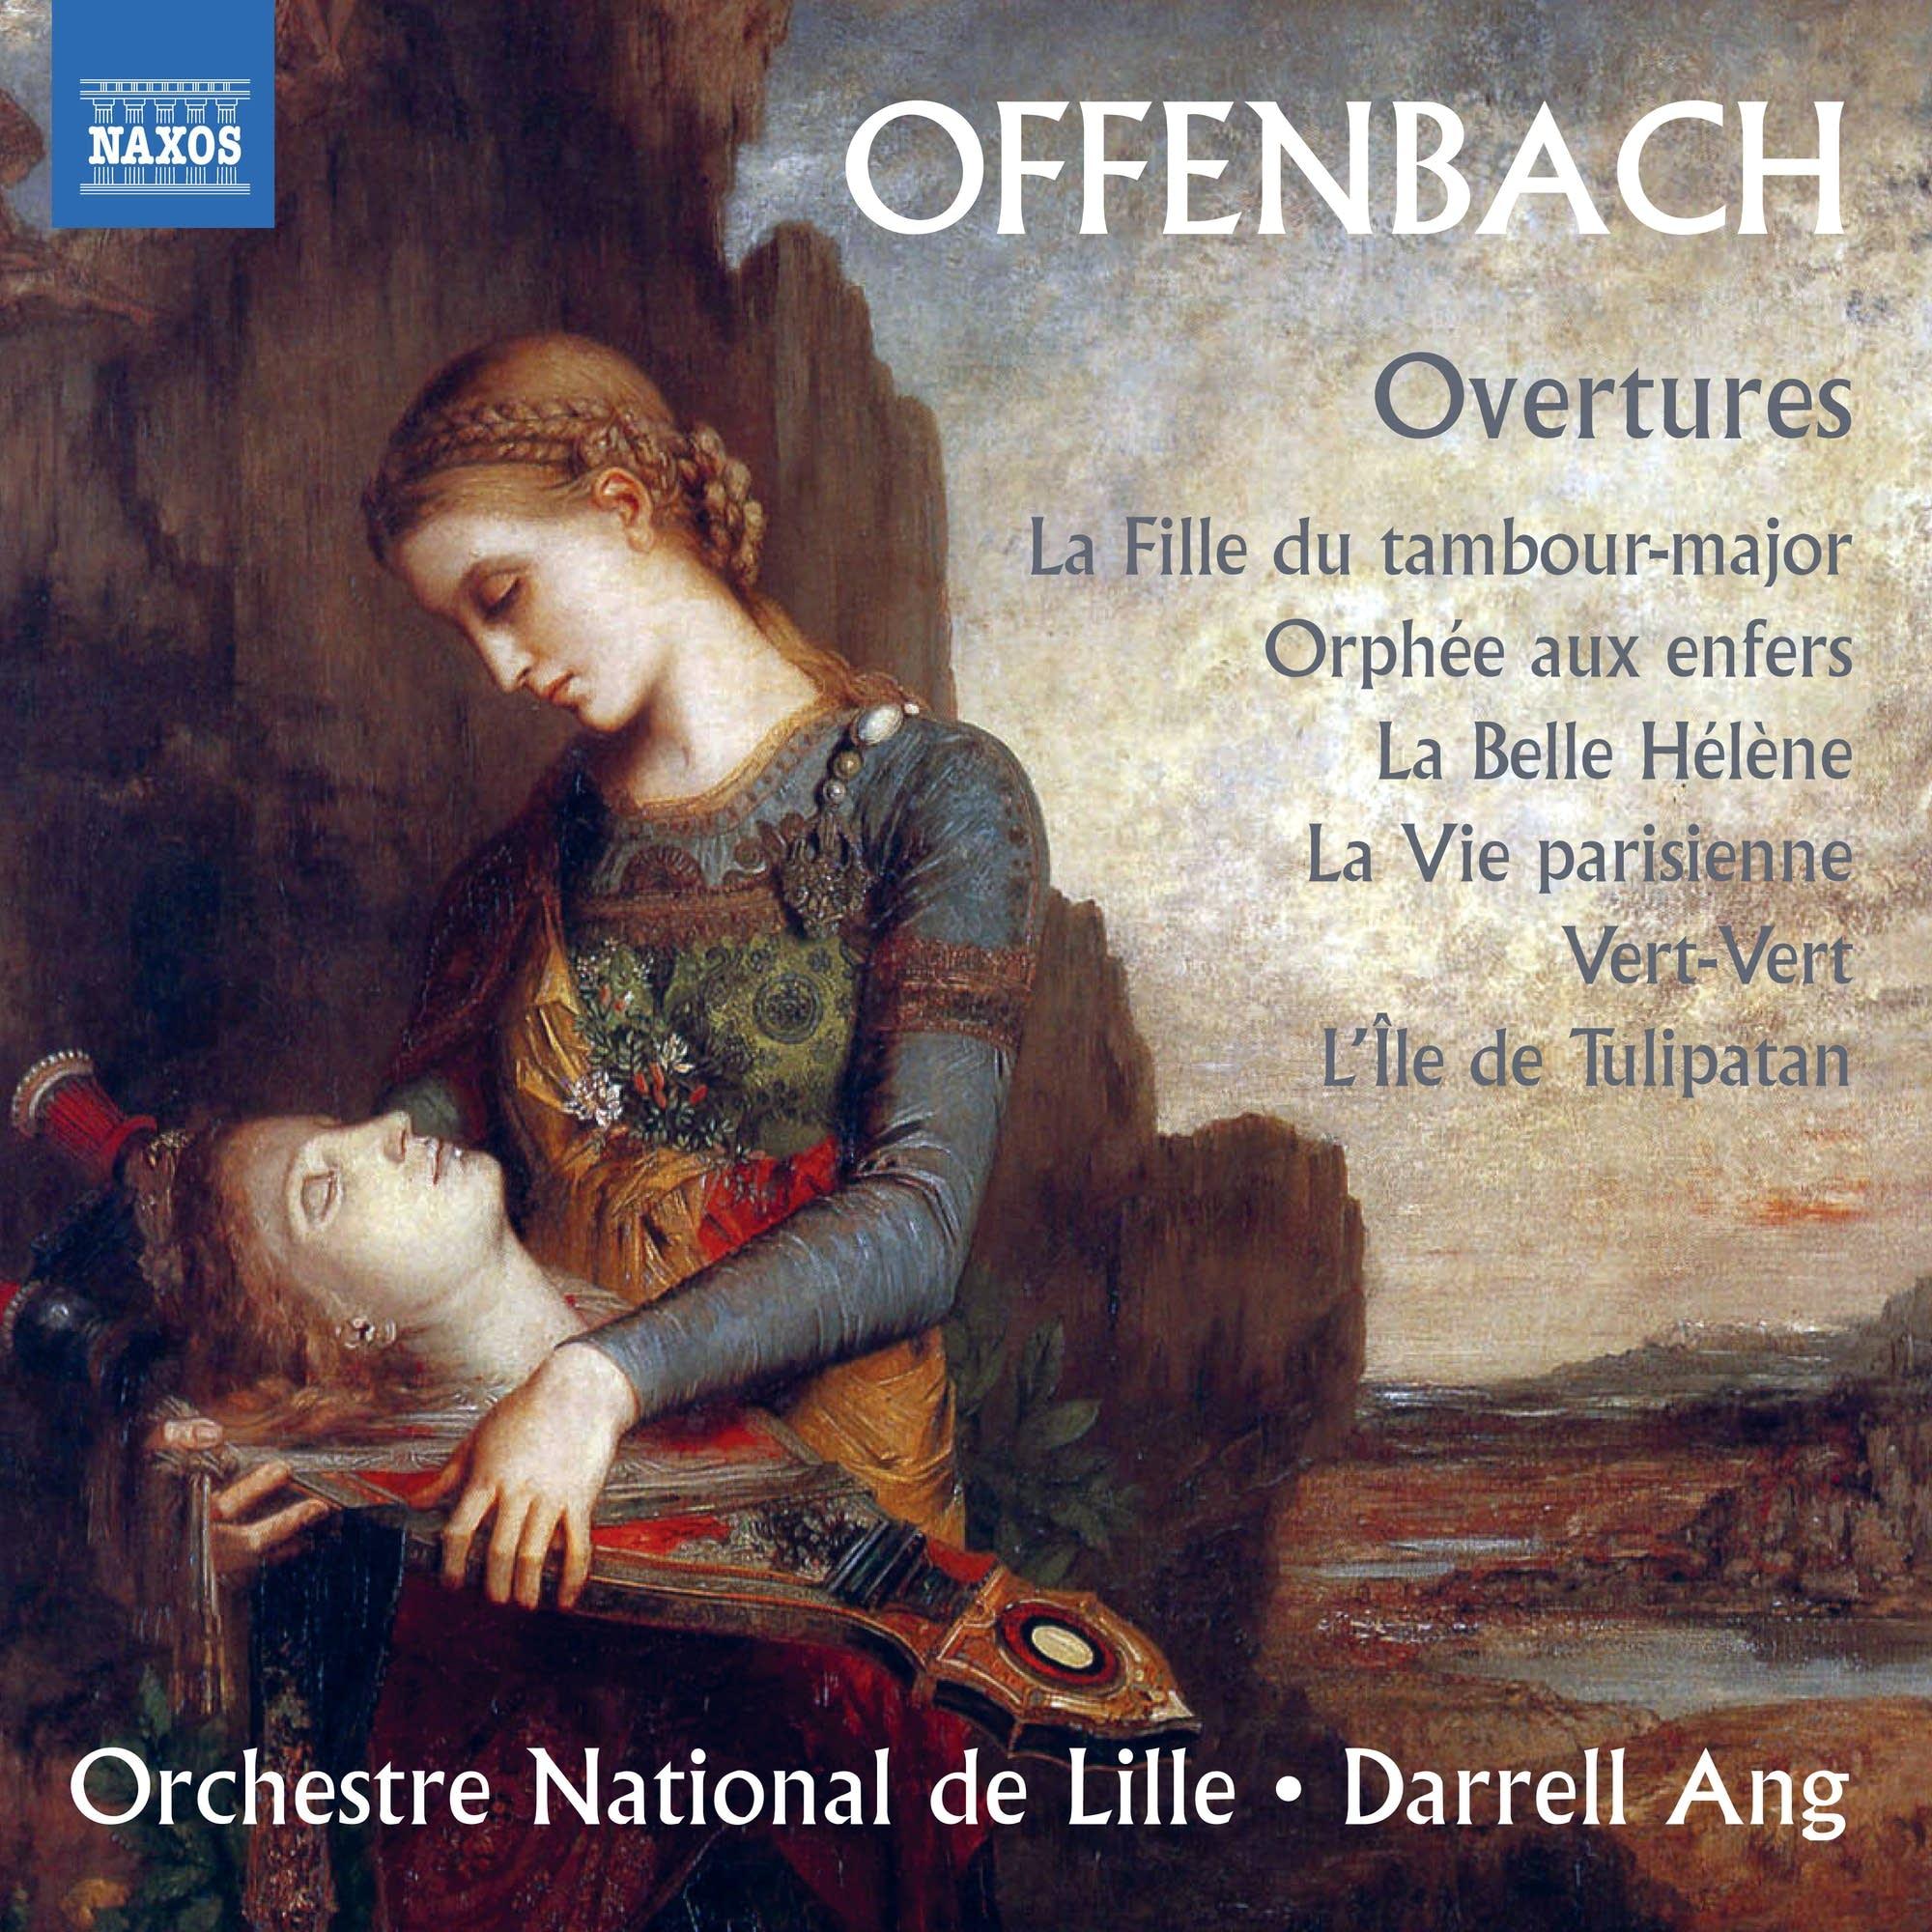 Jacques Offenbach - Ouverture a grand orchestre